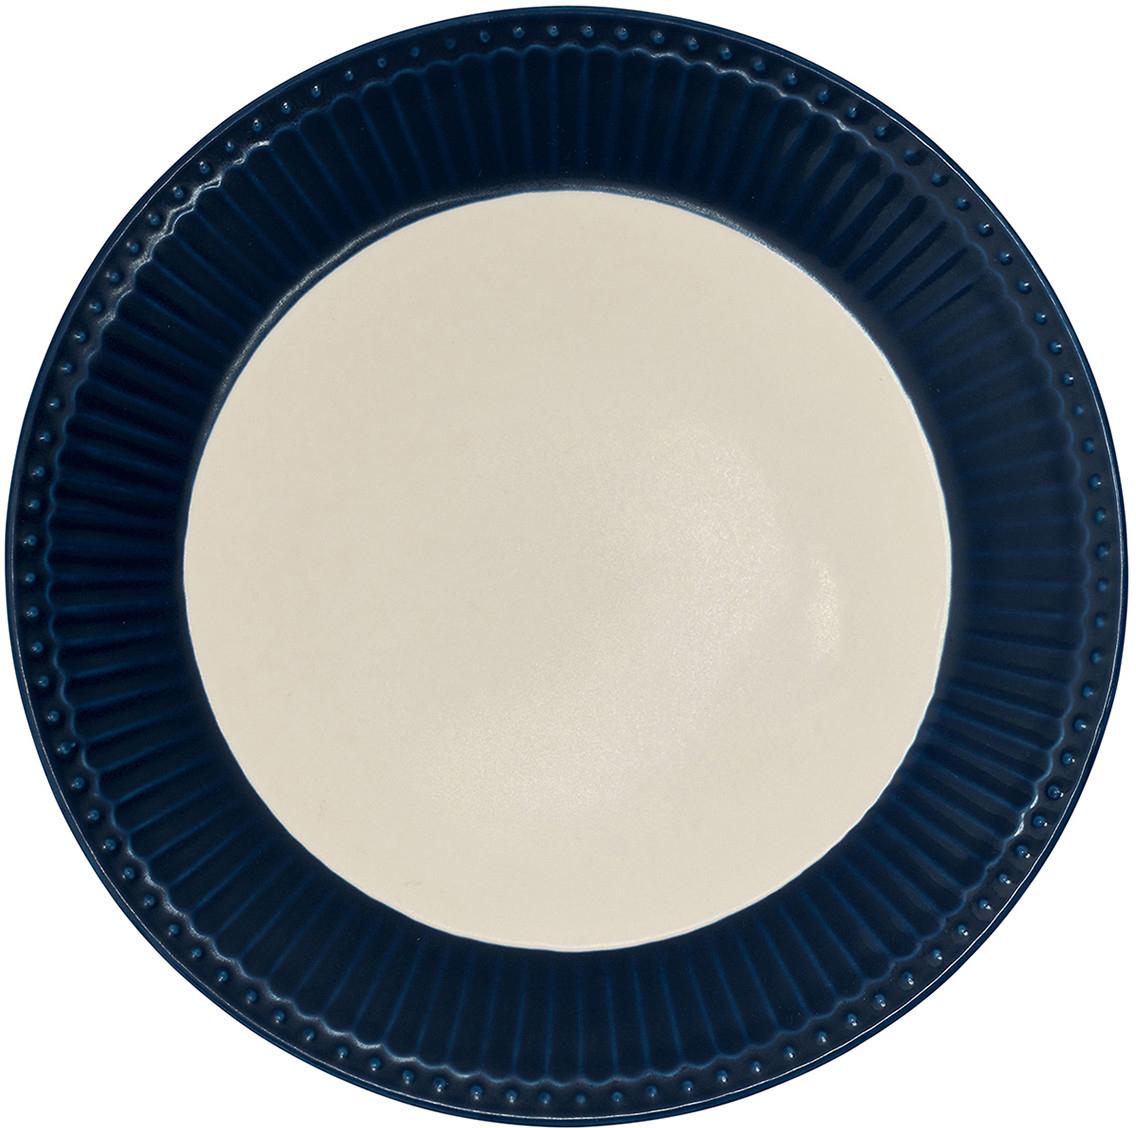 Тарелка Alice, цвет: темно-синий, диаметр 23,5 смSTWPLAAALI2206Тарелка датского производства Alice dark blue, выполненная из высококачественного фарфора, несомненно, станет украшением как праздничного стола, так и повседневной сервировки.Базовая коллекция Alice создана для идеального сочетания посуды ранних и будущих коллекций Greengate. Впервые появилась в каталогах в 2016 году и с тех пор завоевала миллионы сердец своей универсальностью, насыщенными цветами и разнообразием посудной линейки. Alice dark blue – настоящая находка для тех, кто хочет освежить сервировку, придать ей благородные нотки классическим и глубоким синим цветом. Разнообразие предметов посуды в линейке позволяет коллекции быть как базой, так и связующим звеном с цветочными орнаментами коллекций Amanda indigo, Audrey indigo, Sally и с др.